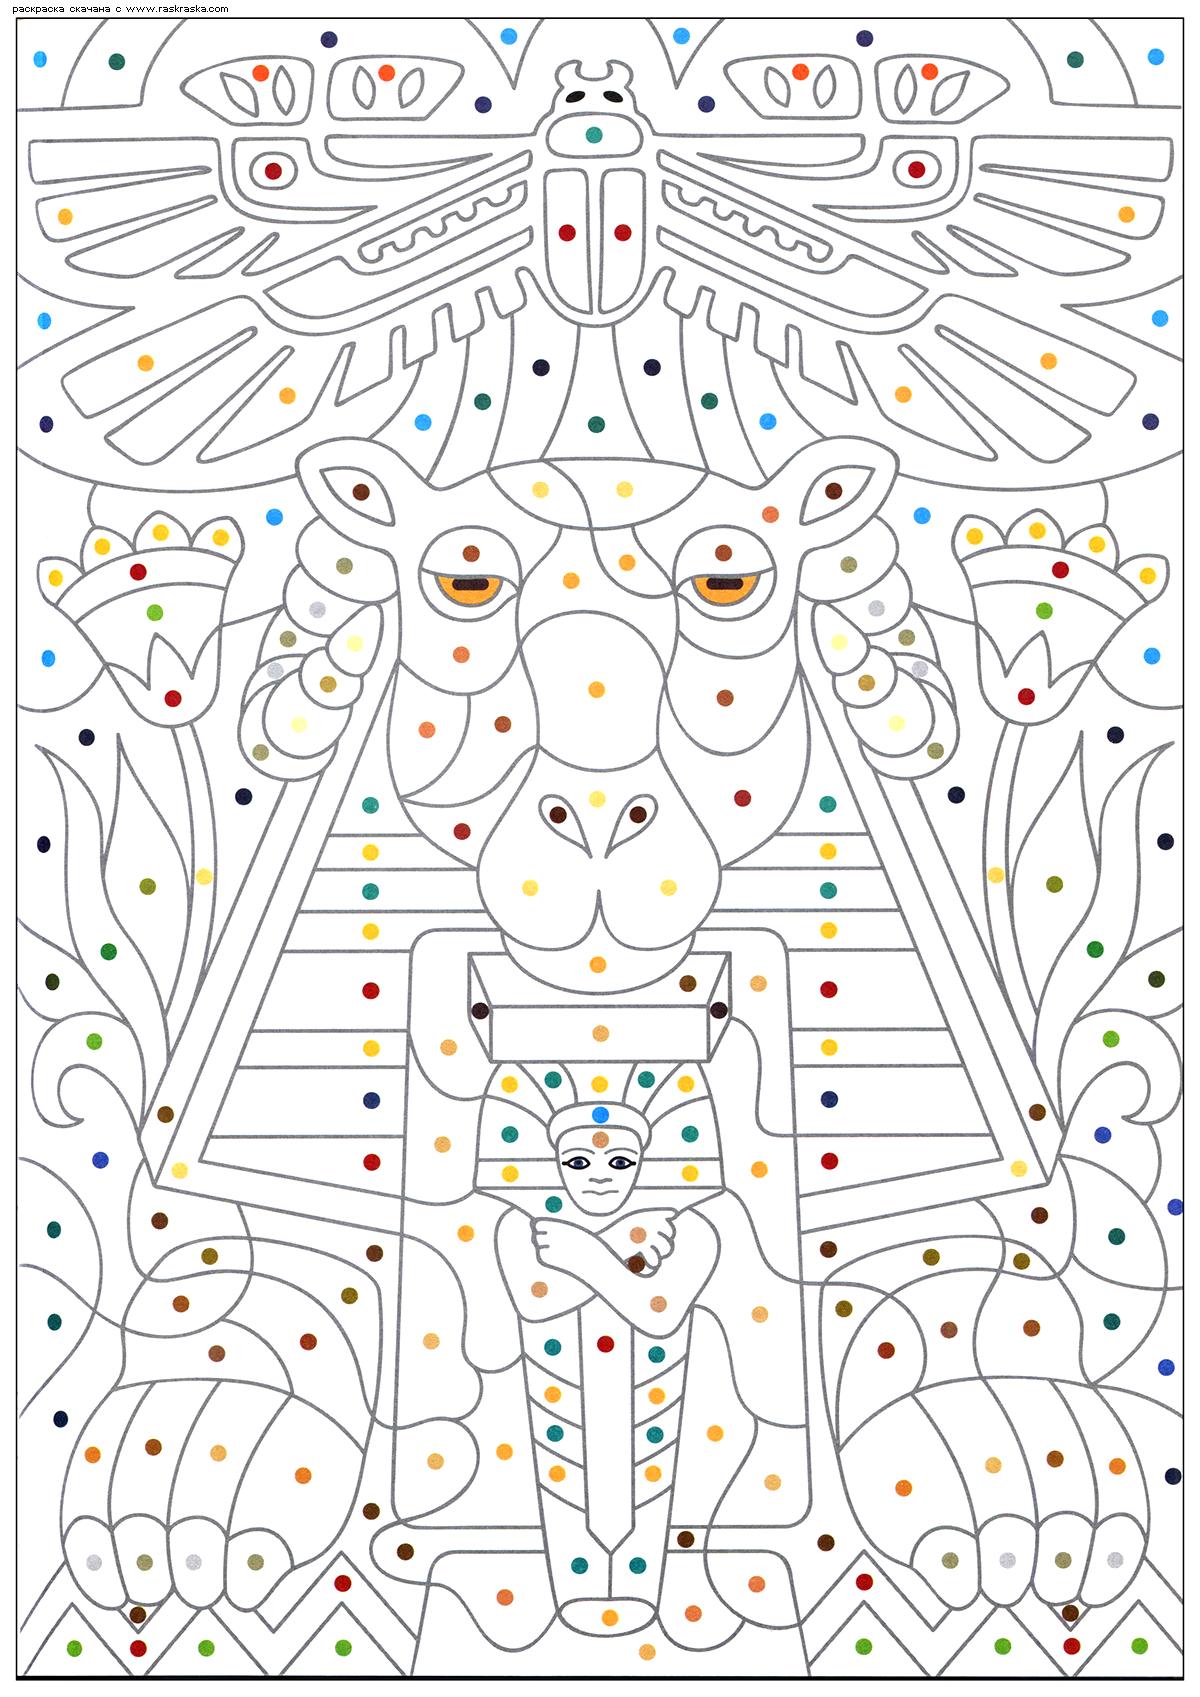 Раскраска Древний Египет. Раскраска